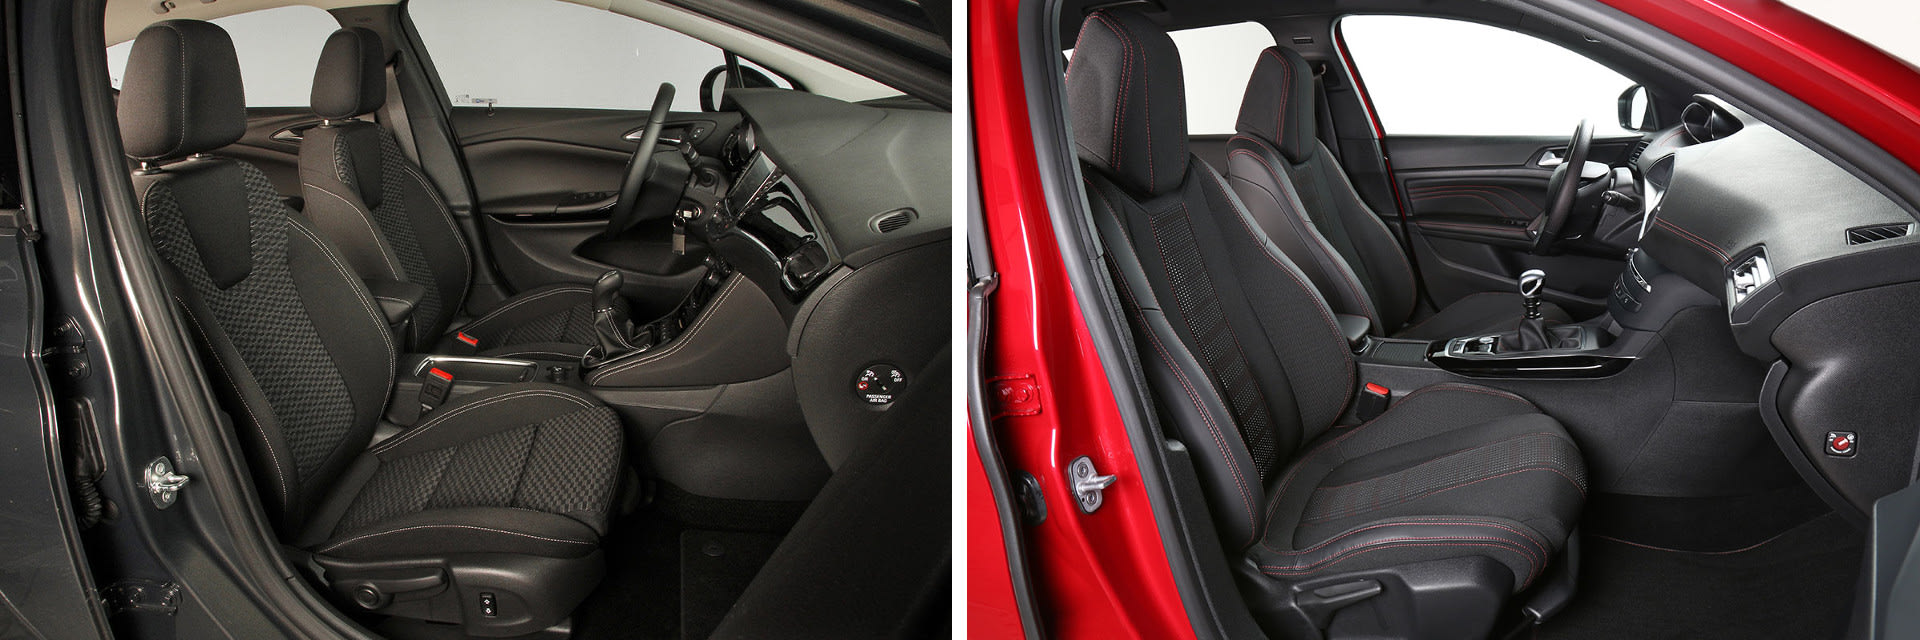 Los asientos delanteros de ambos vehículos son cómodos para realizar viajes largos.